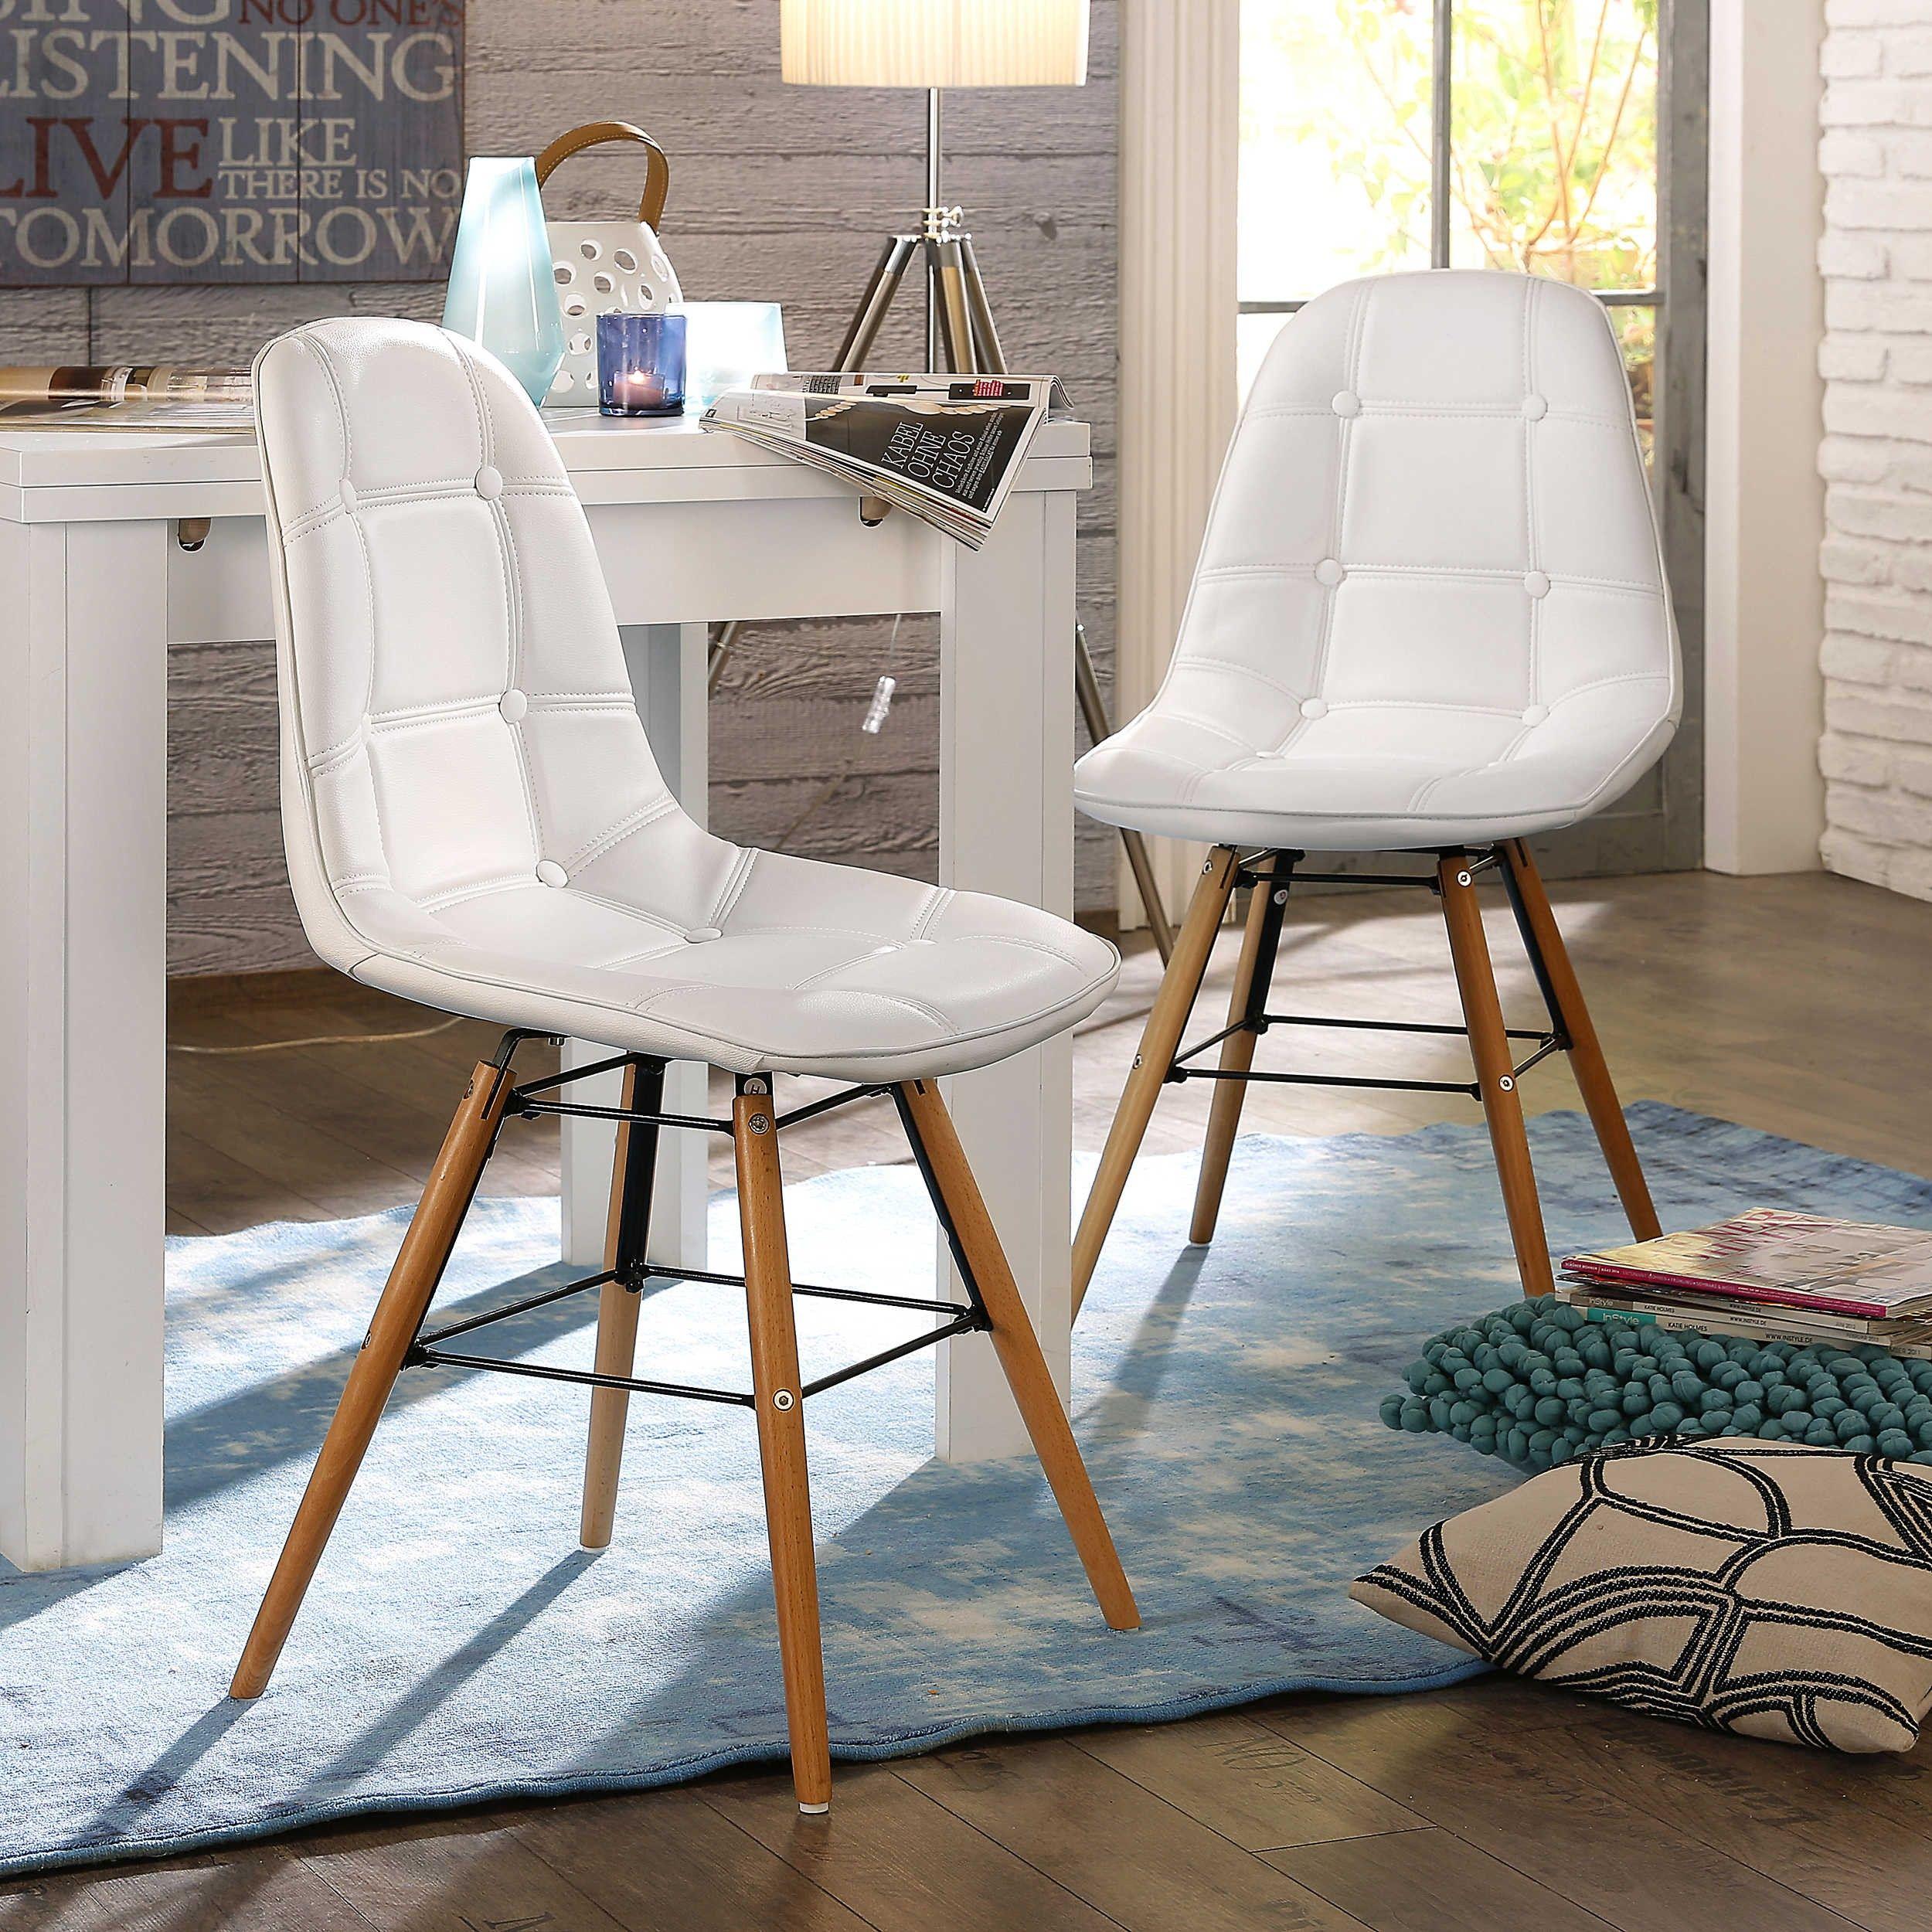 Stuhl Savona 2er Set, Weiß - 4 Fuß Stühle - Stühle & Freischwinger ... Esszimmer Elegant Und Modernbilder Galerie